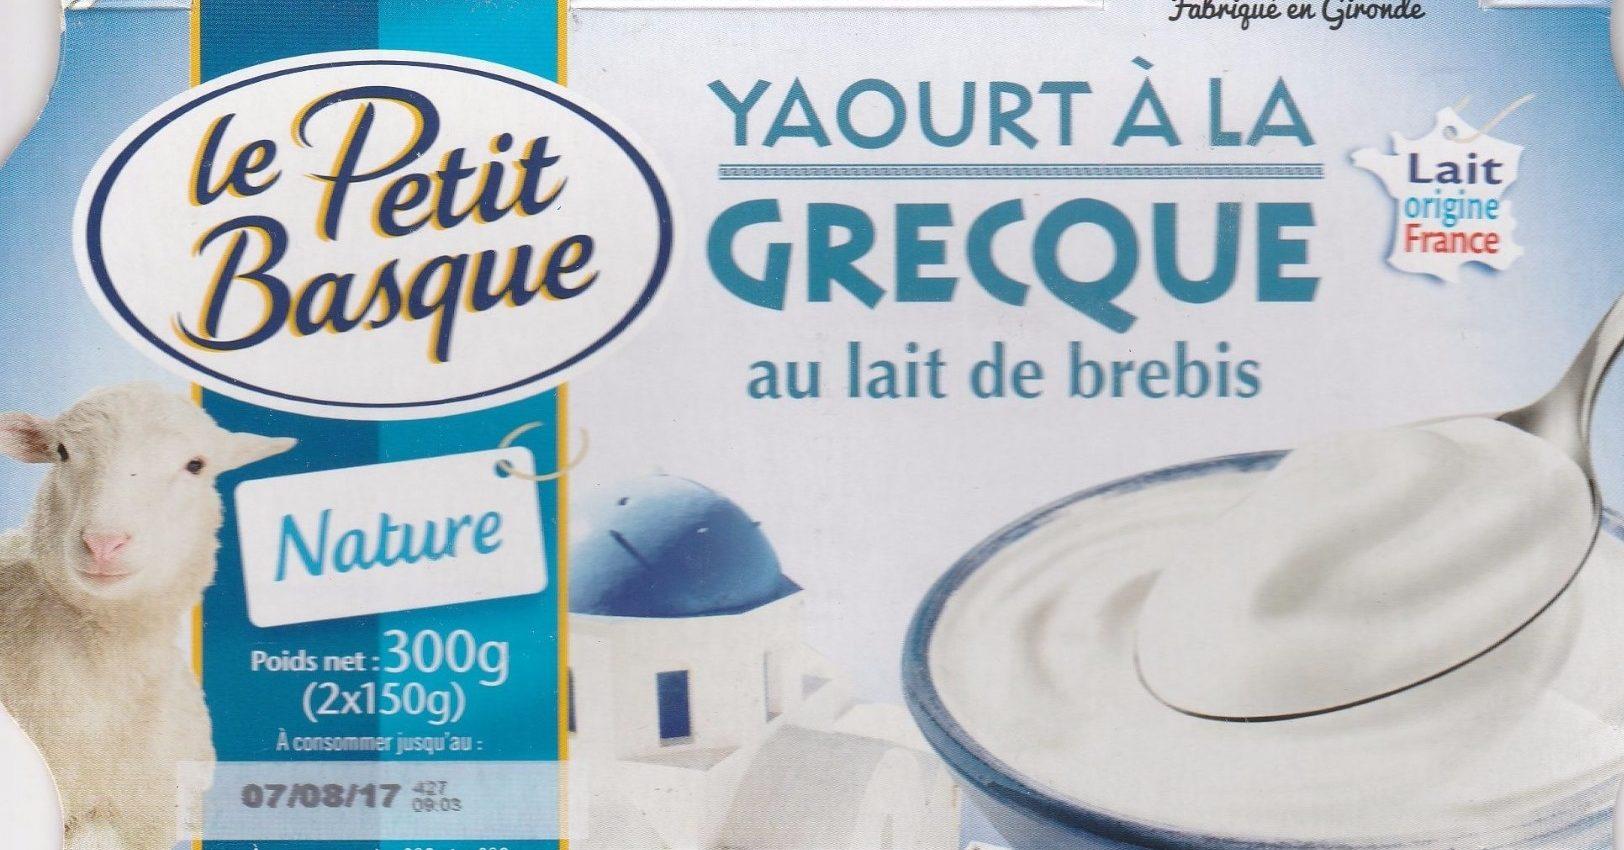 Yaourt à la grecque - Produit - fr